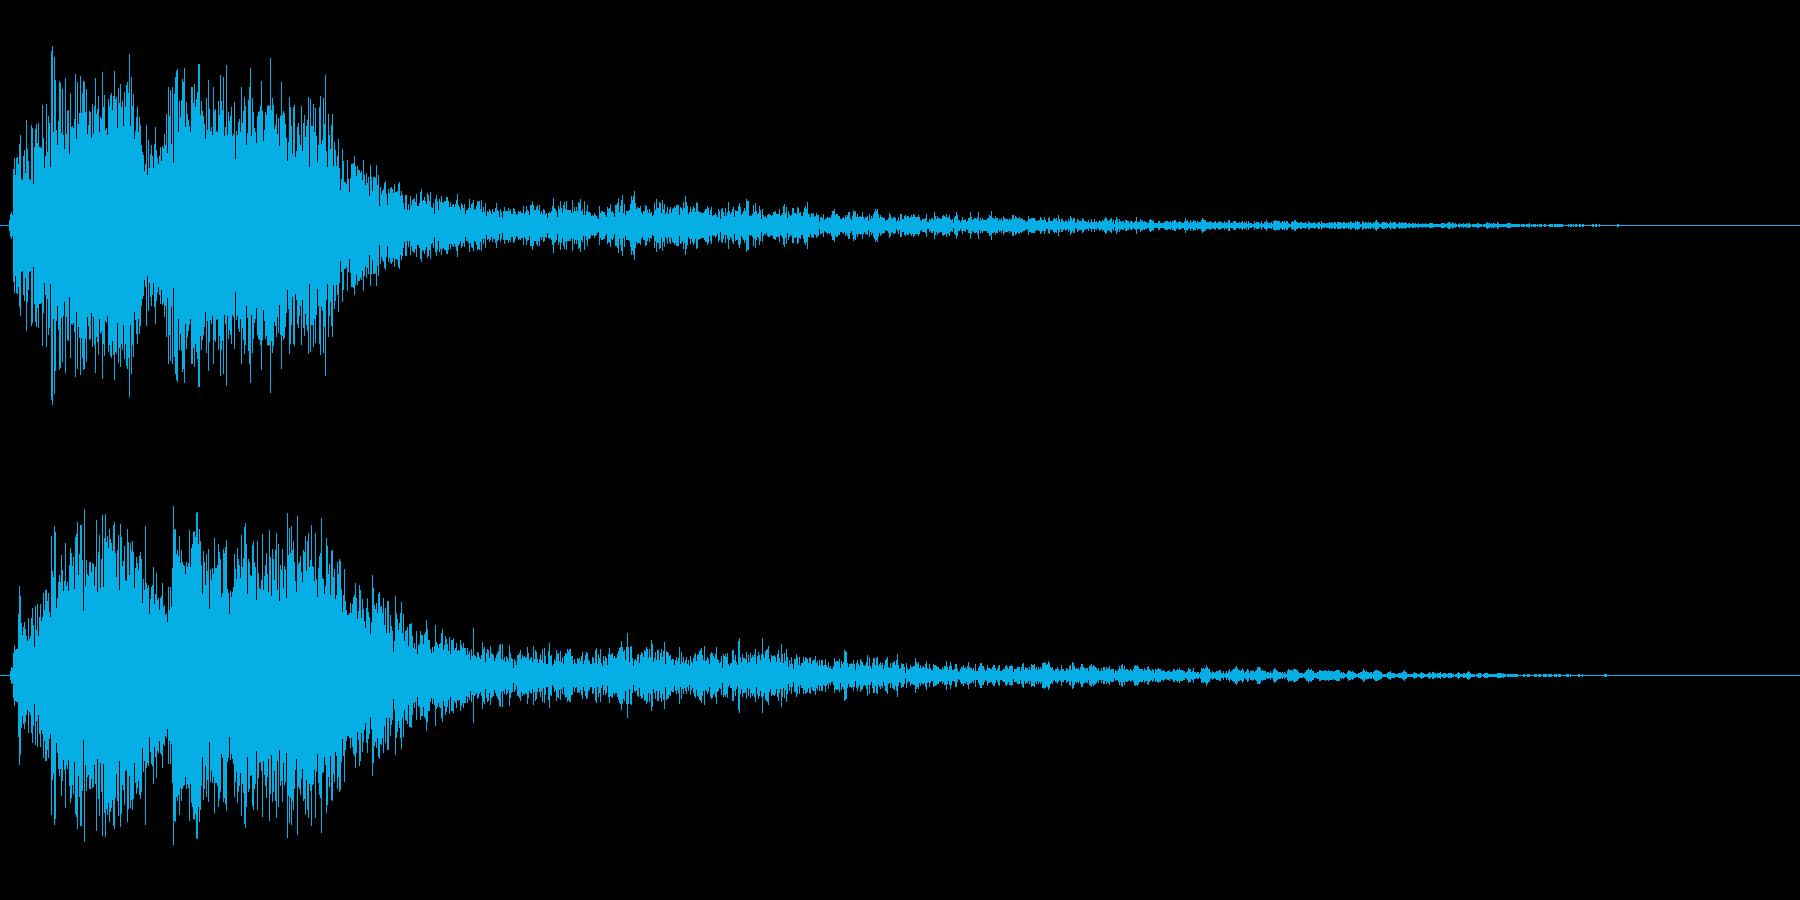 レーザービームが発射される効果音の再生済みの波形